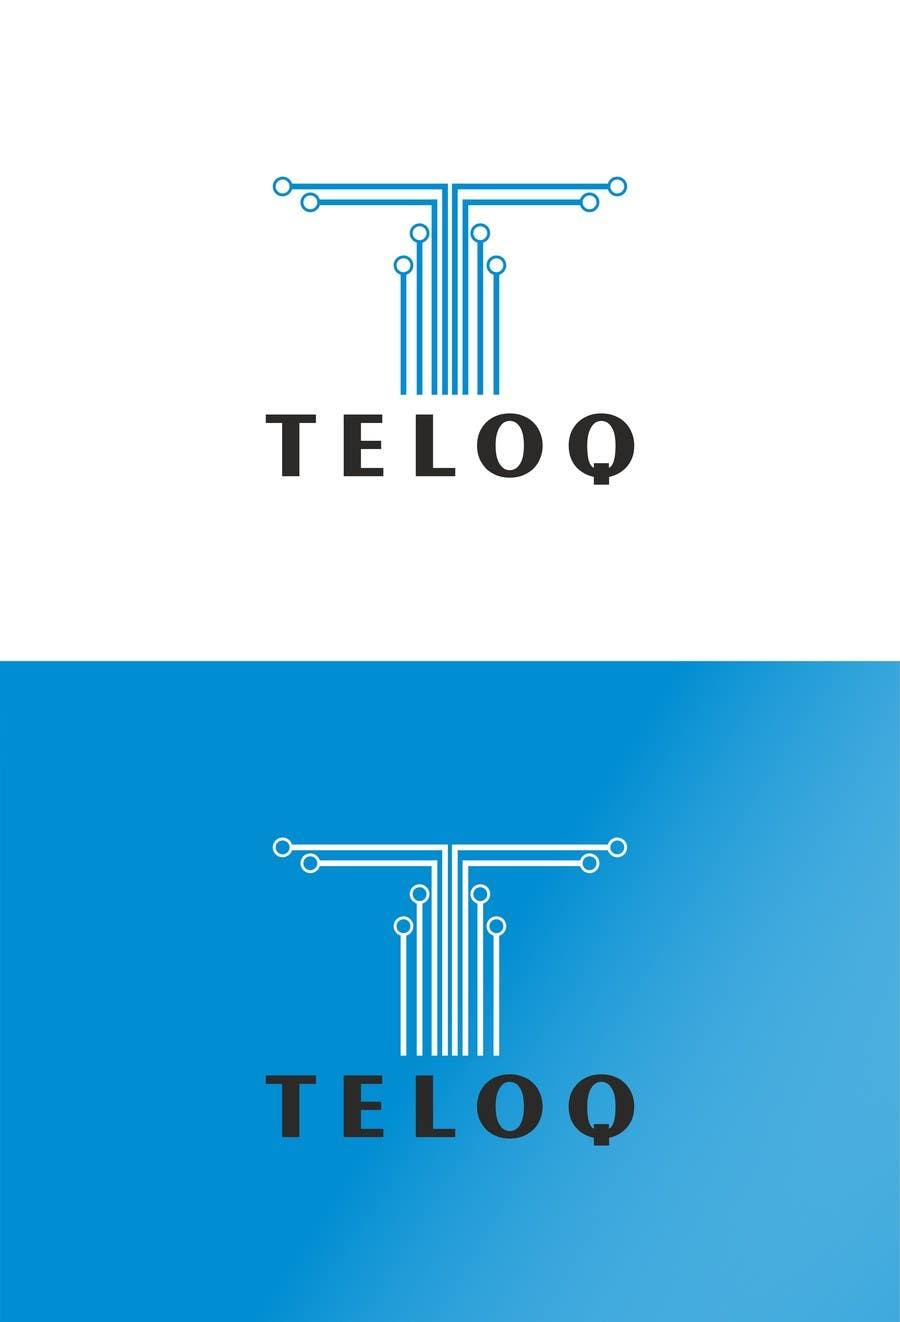 Inscrição nº                                         65                                      do Concurso para                                         Design a Logo for a business